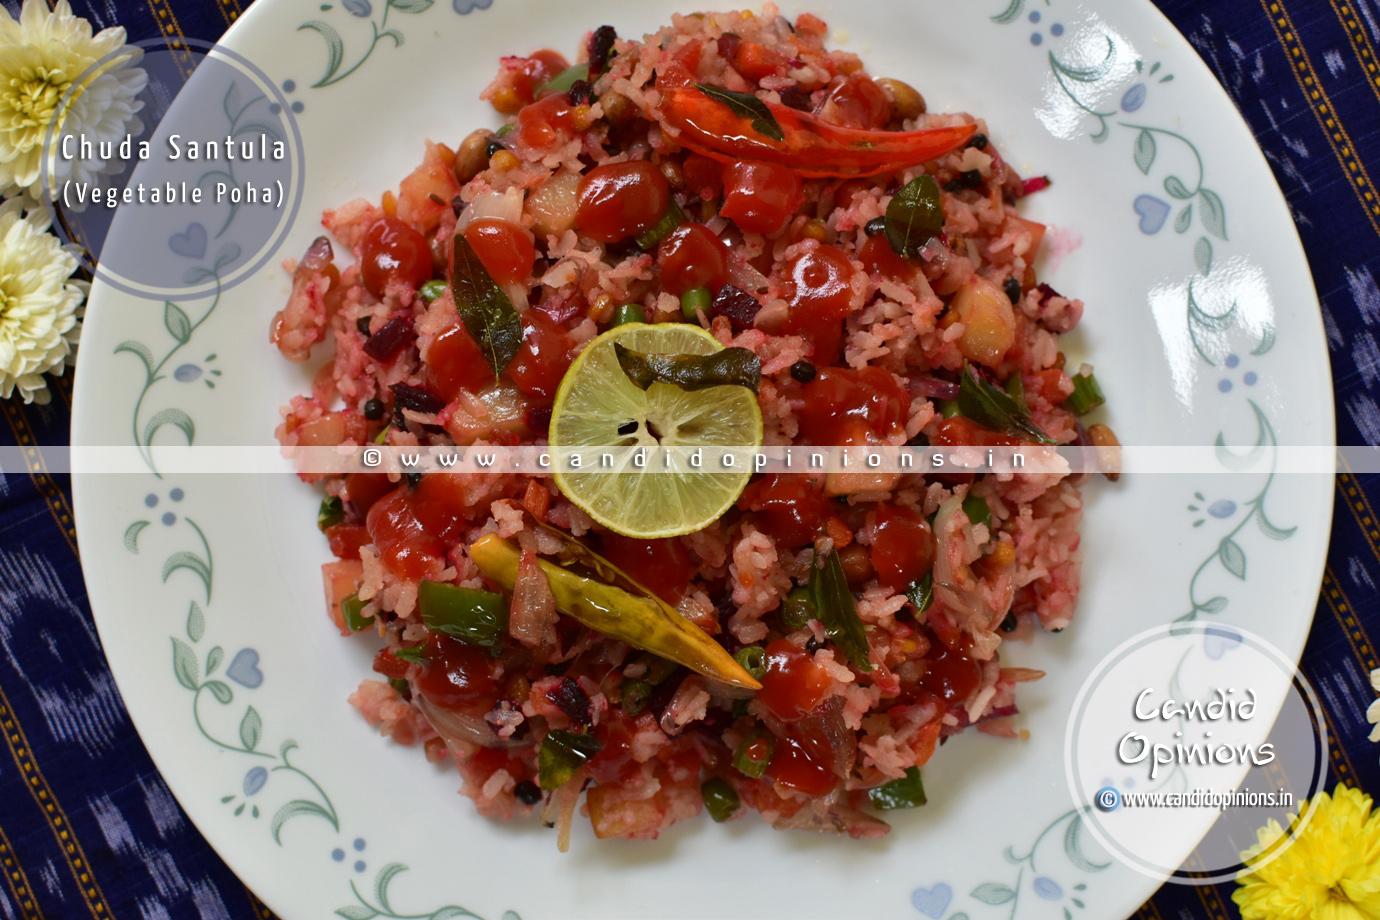 Chuda Santula or Chuda Upma (Vegetable Poha)